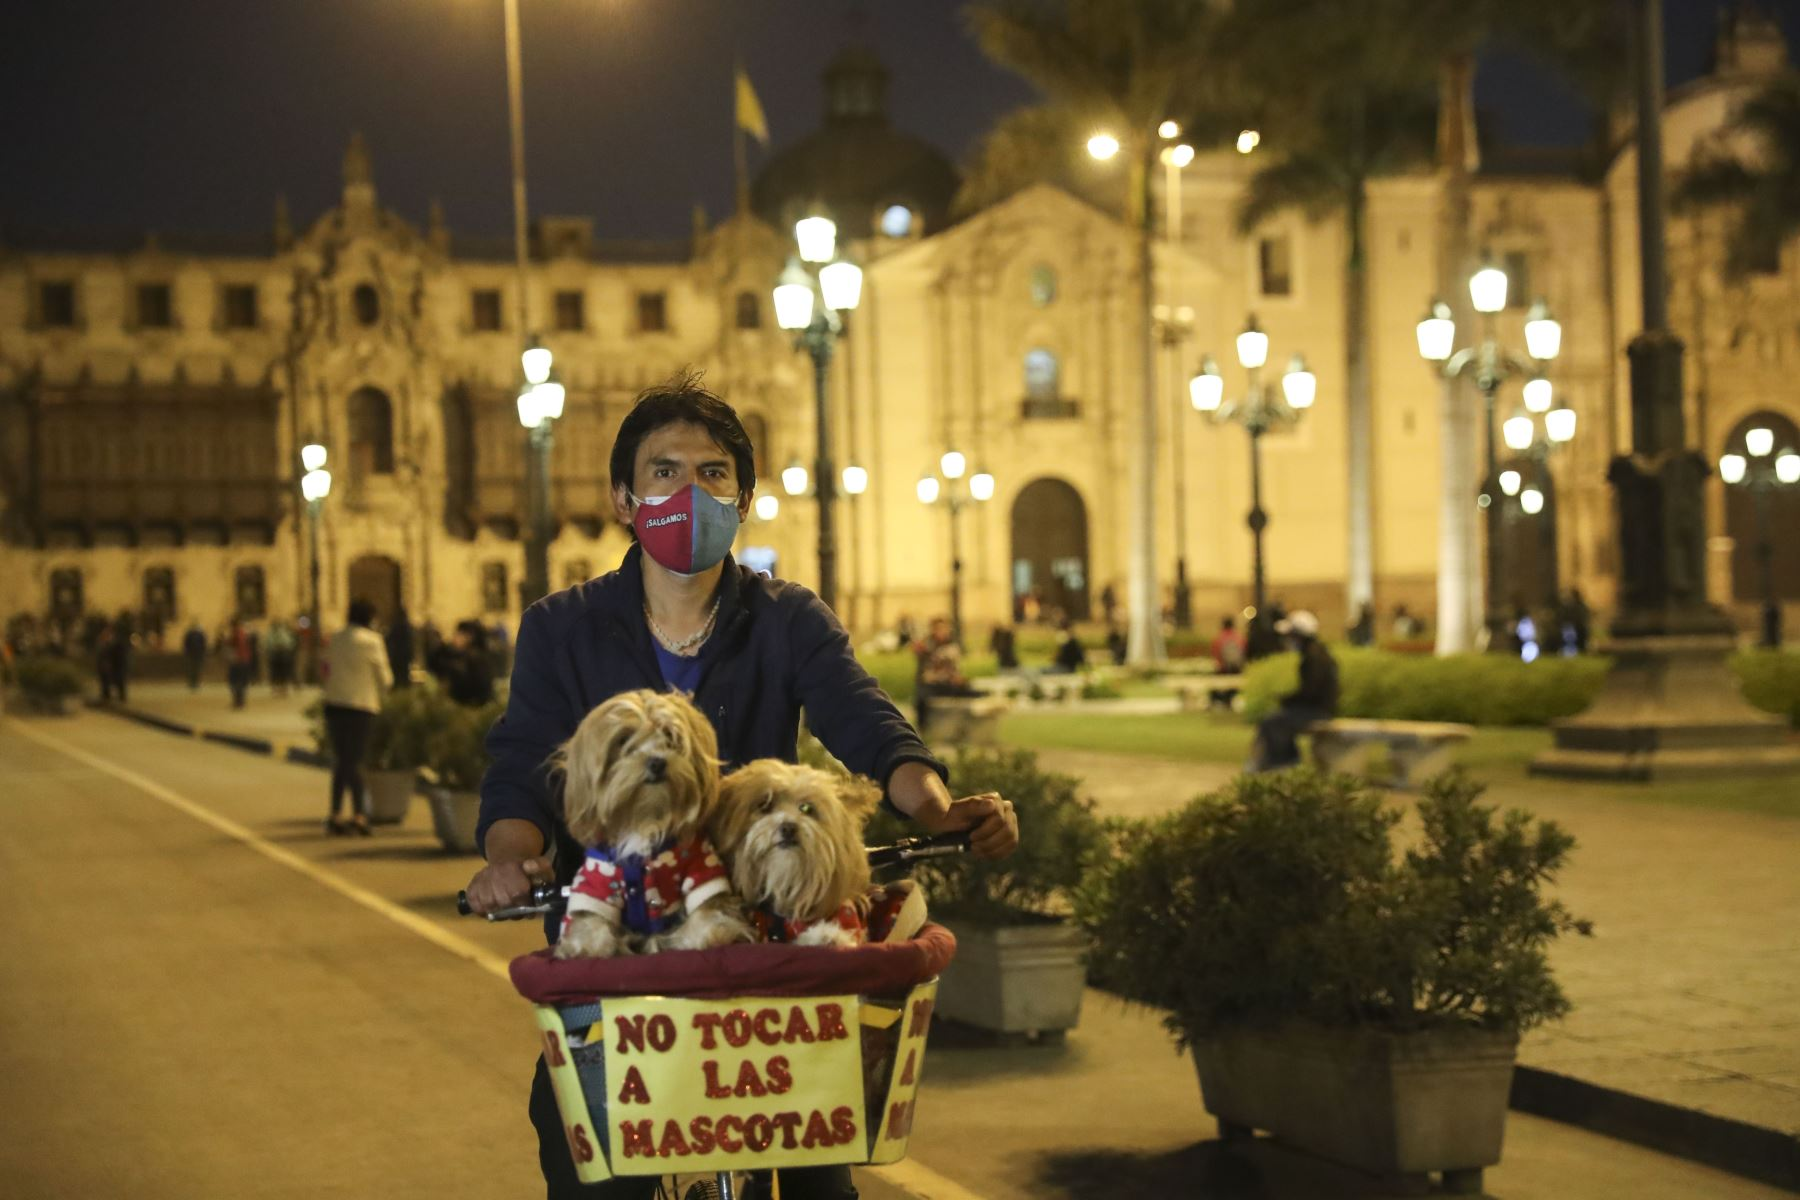 Luego de casi 2 meses de permanecer cerrados, se reabrieron los accesos a la Plaza de Armas de Lima. La plaza fue cerrada como medida de precaución debido a la movilización de manifestantes en el centro de la ciudad. Foto: ANDINA/Carla Patiño Ramírez